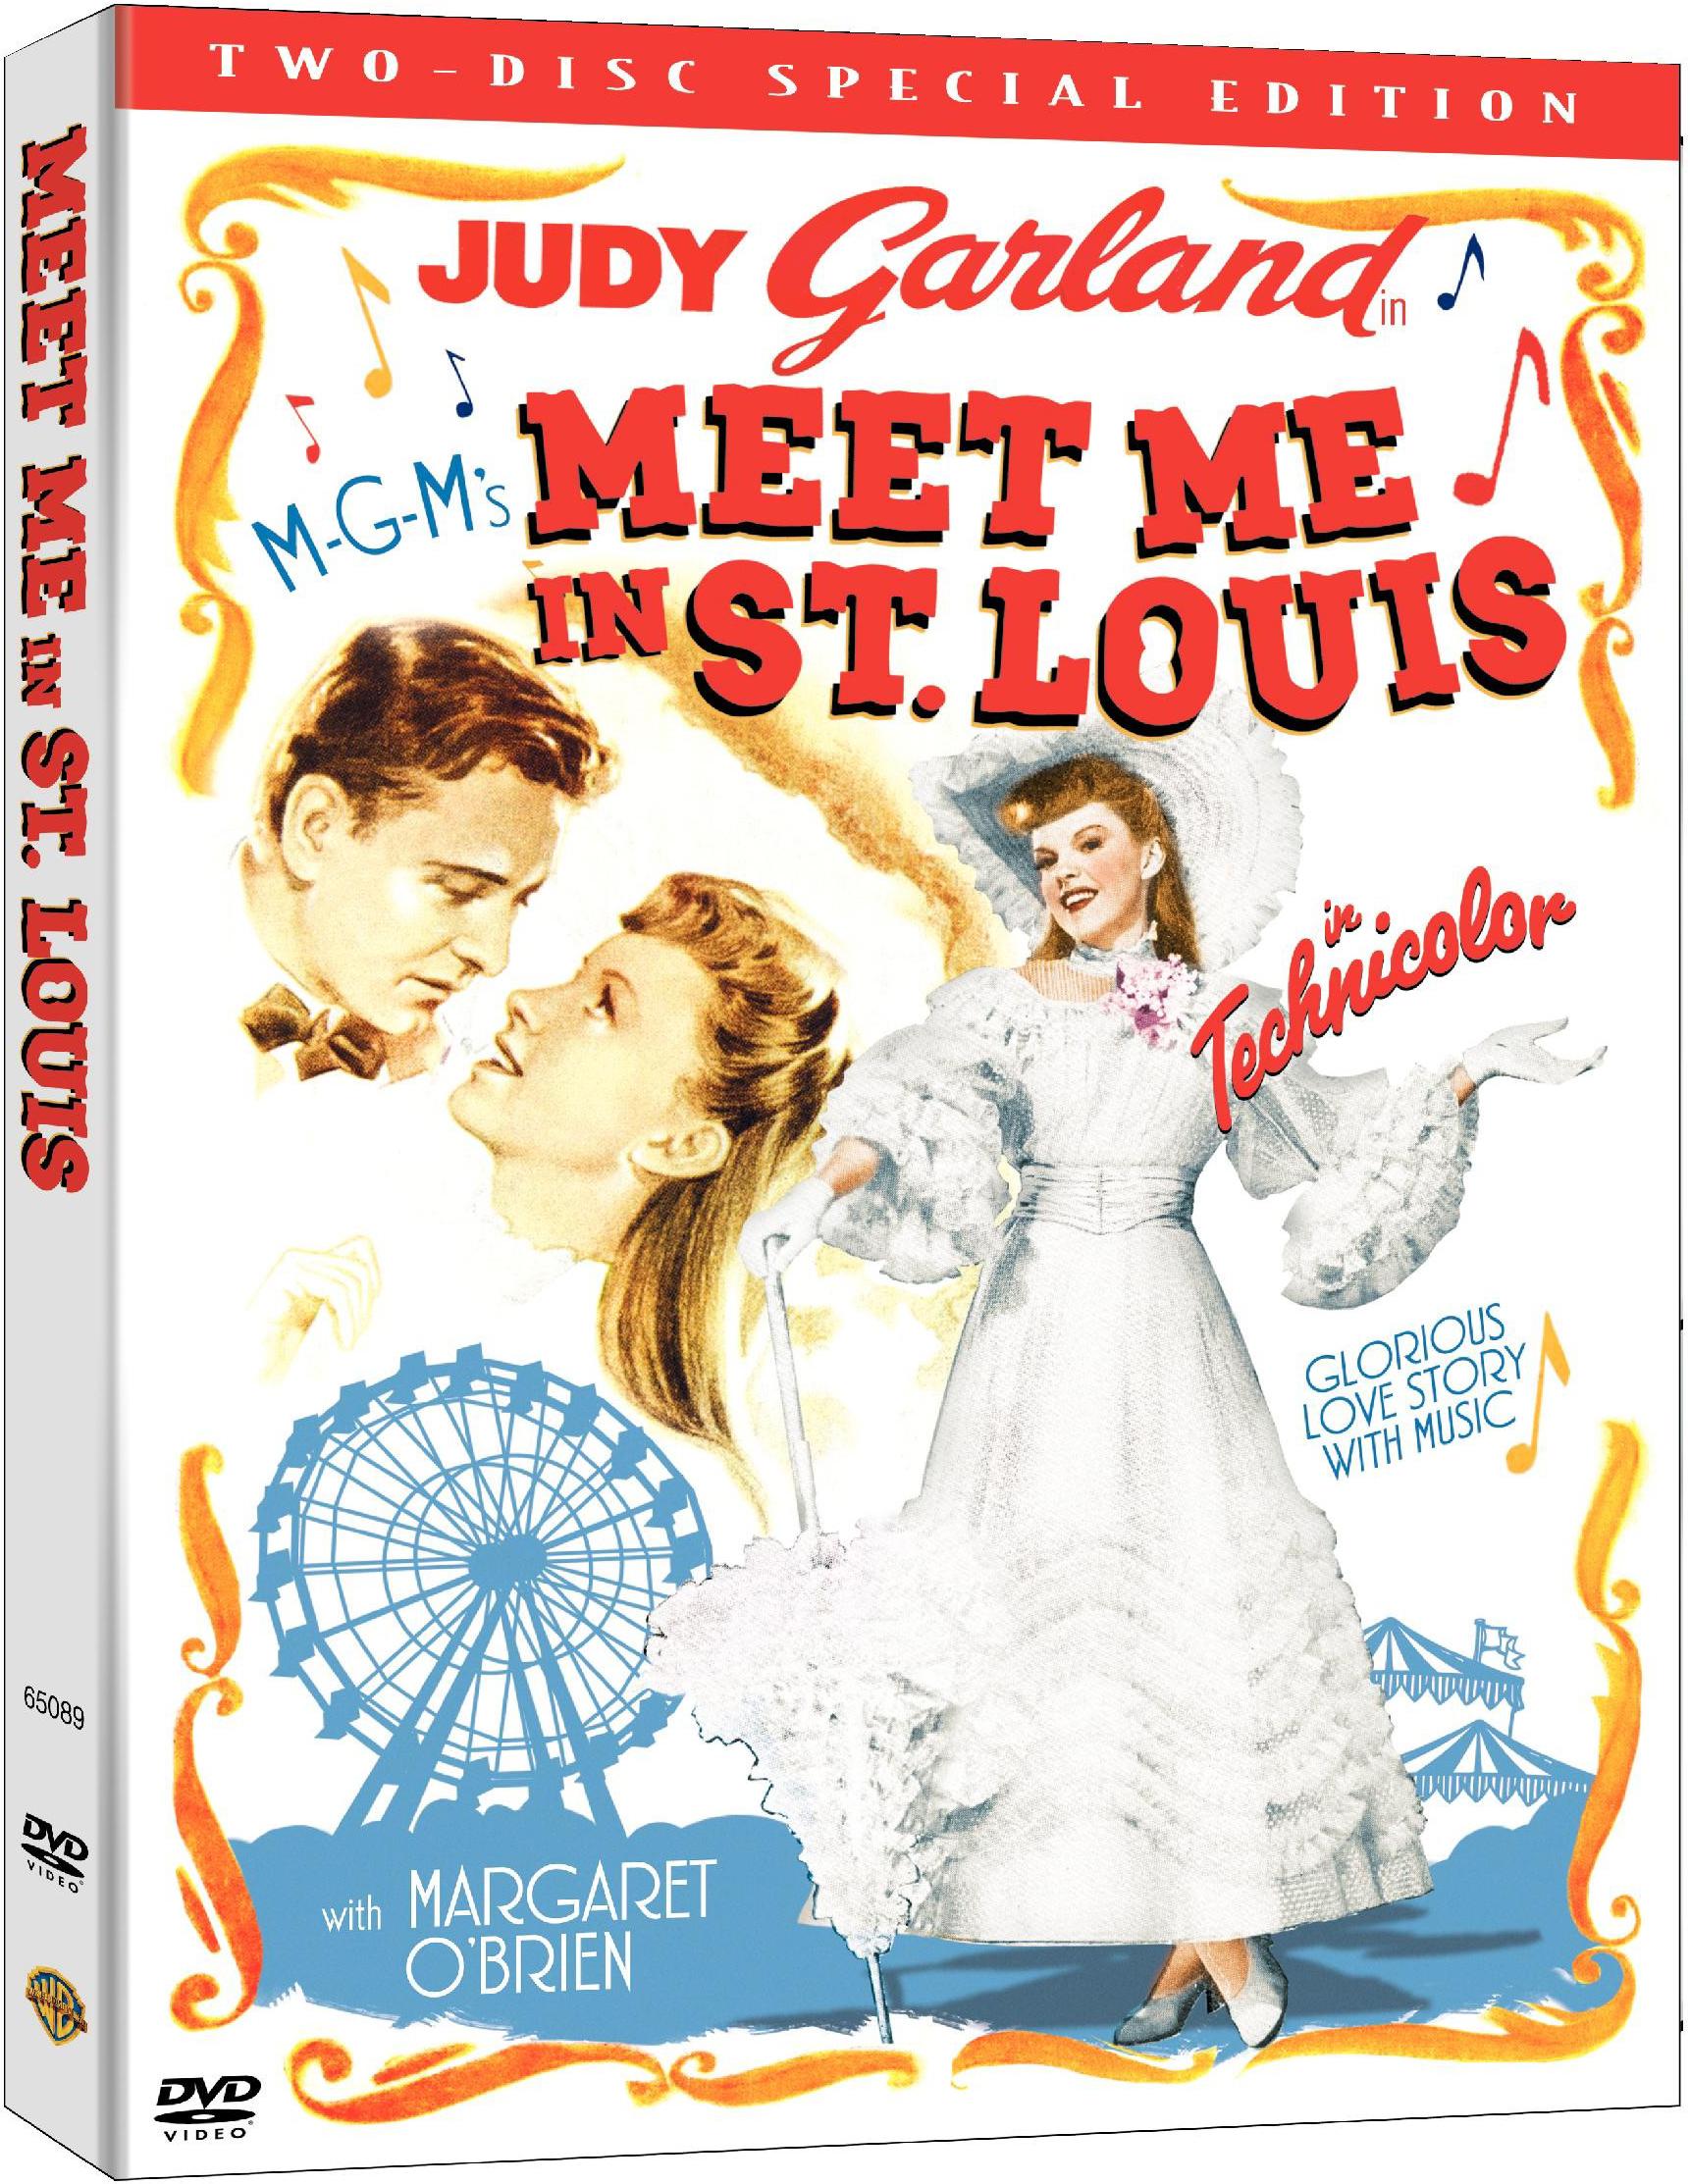 Meet Me In St. Louis 2004 DVD